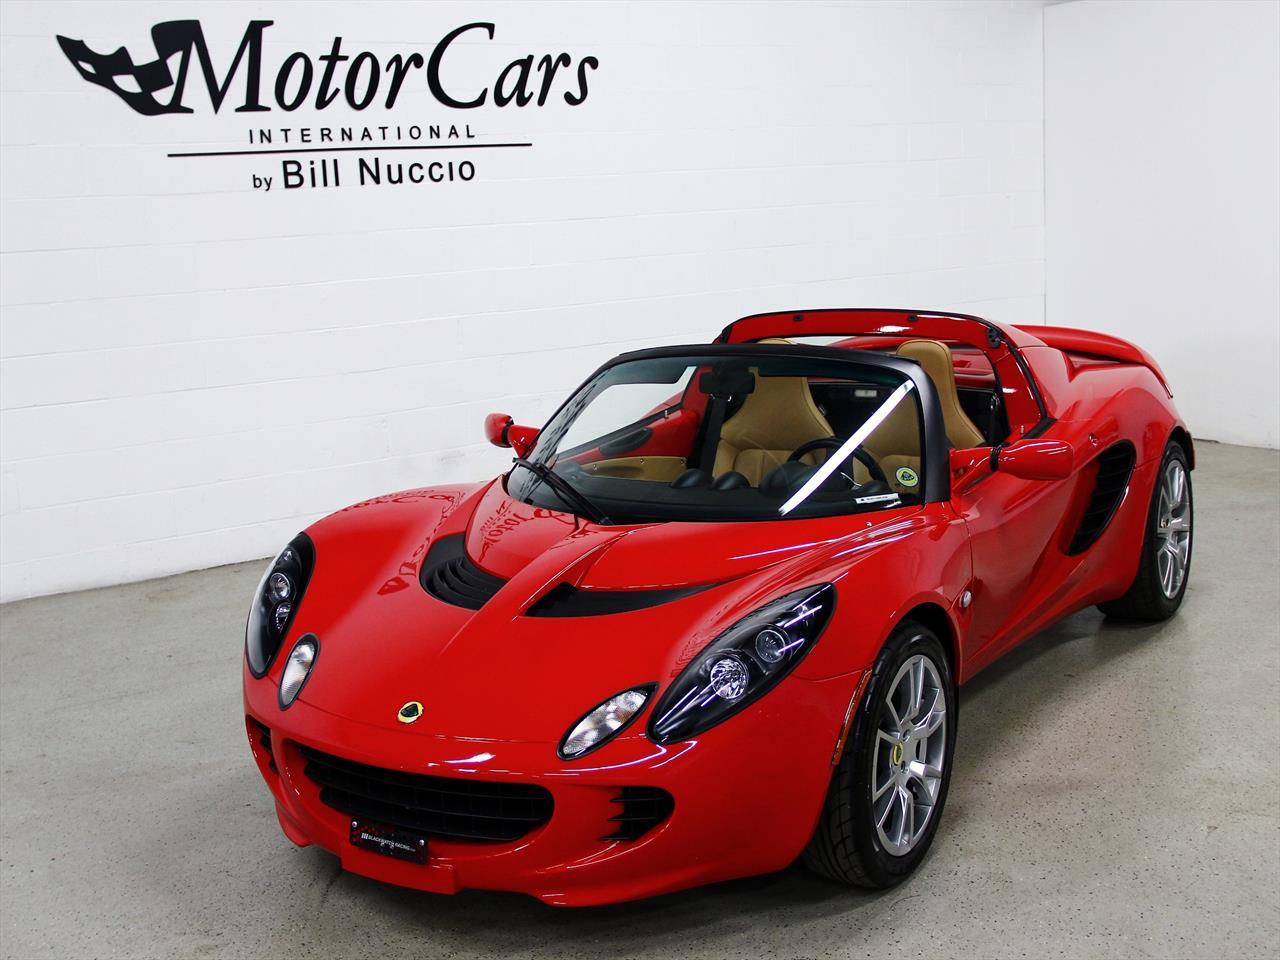 2009 Lotus Elise SC